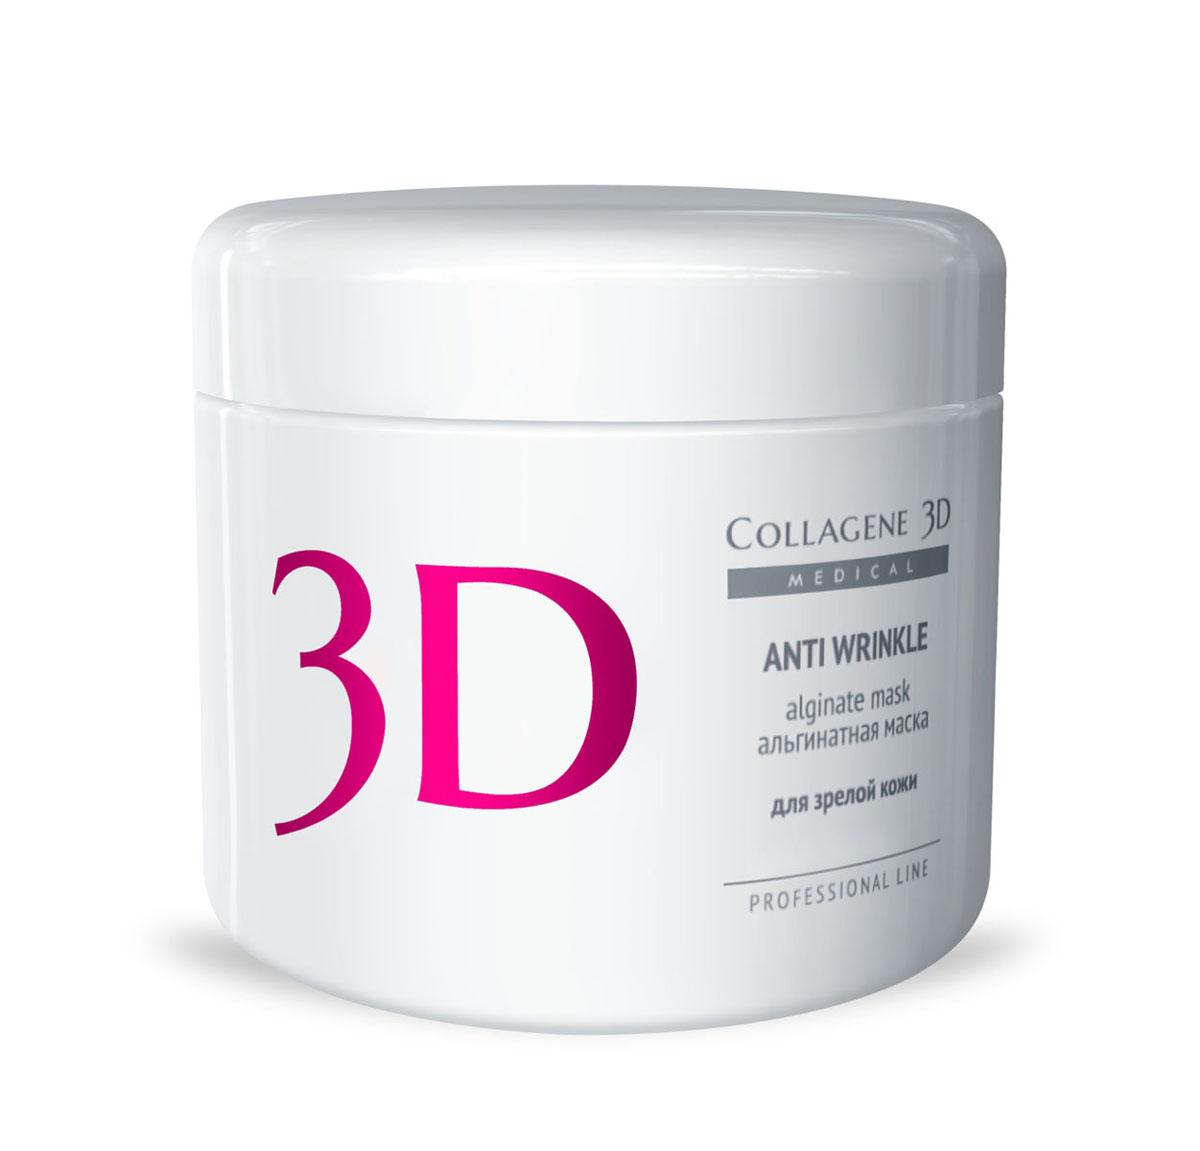 Medical Collagene 3D Альгинатная маска для лица и тела Anti Wrinkle, 200 гFS-00103Высокоэффективная, пластифицирующая маска на основе лучшего натурального сырья. Насыщенна биологически активными веществами ускоряющими обменные процессы, которые стимулируют быстрое омоложение на клеточном уровне.